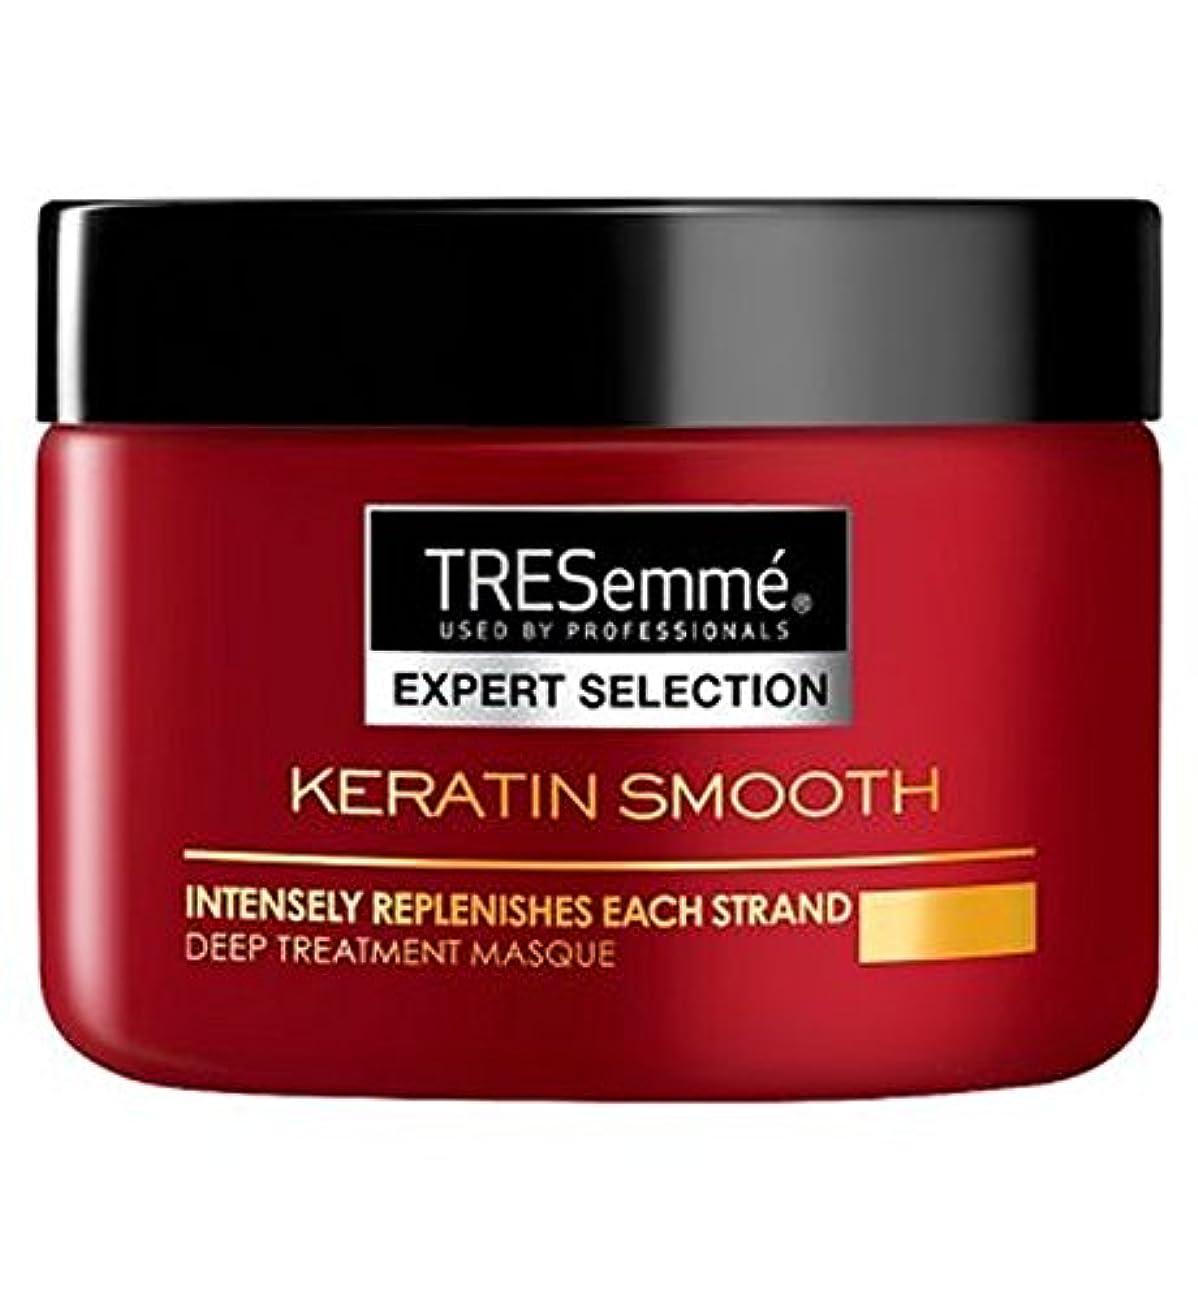 シプリー好きである誇大妄想Tresemme Keratin Smooth Deep Treatment Masque 300ml - Tresemmeケラチン滑らかな深い治療の仮面劇の300ミリリットル (Tresemme) [並行輸入品]